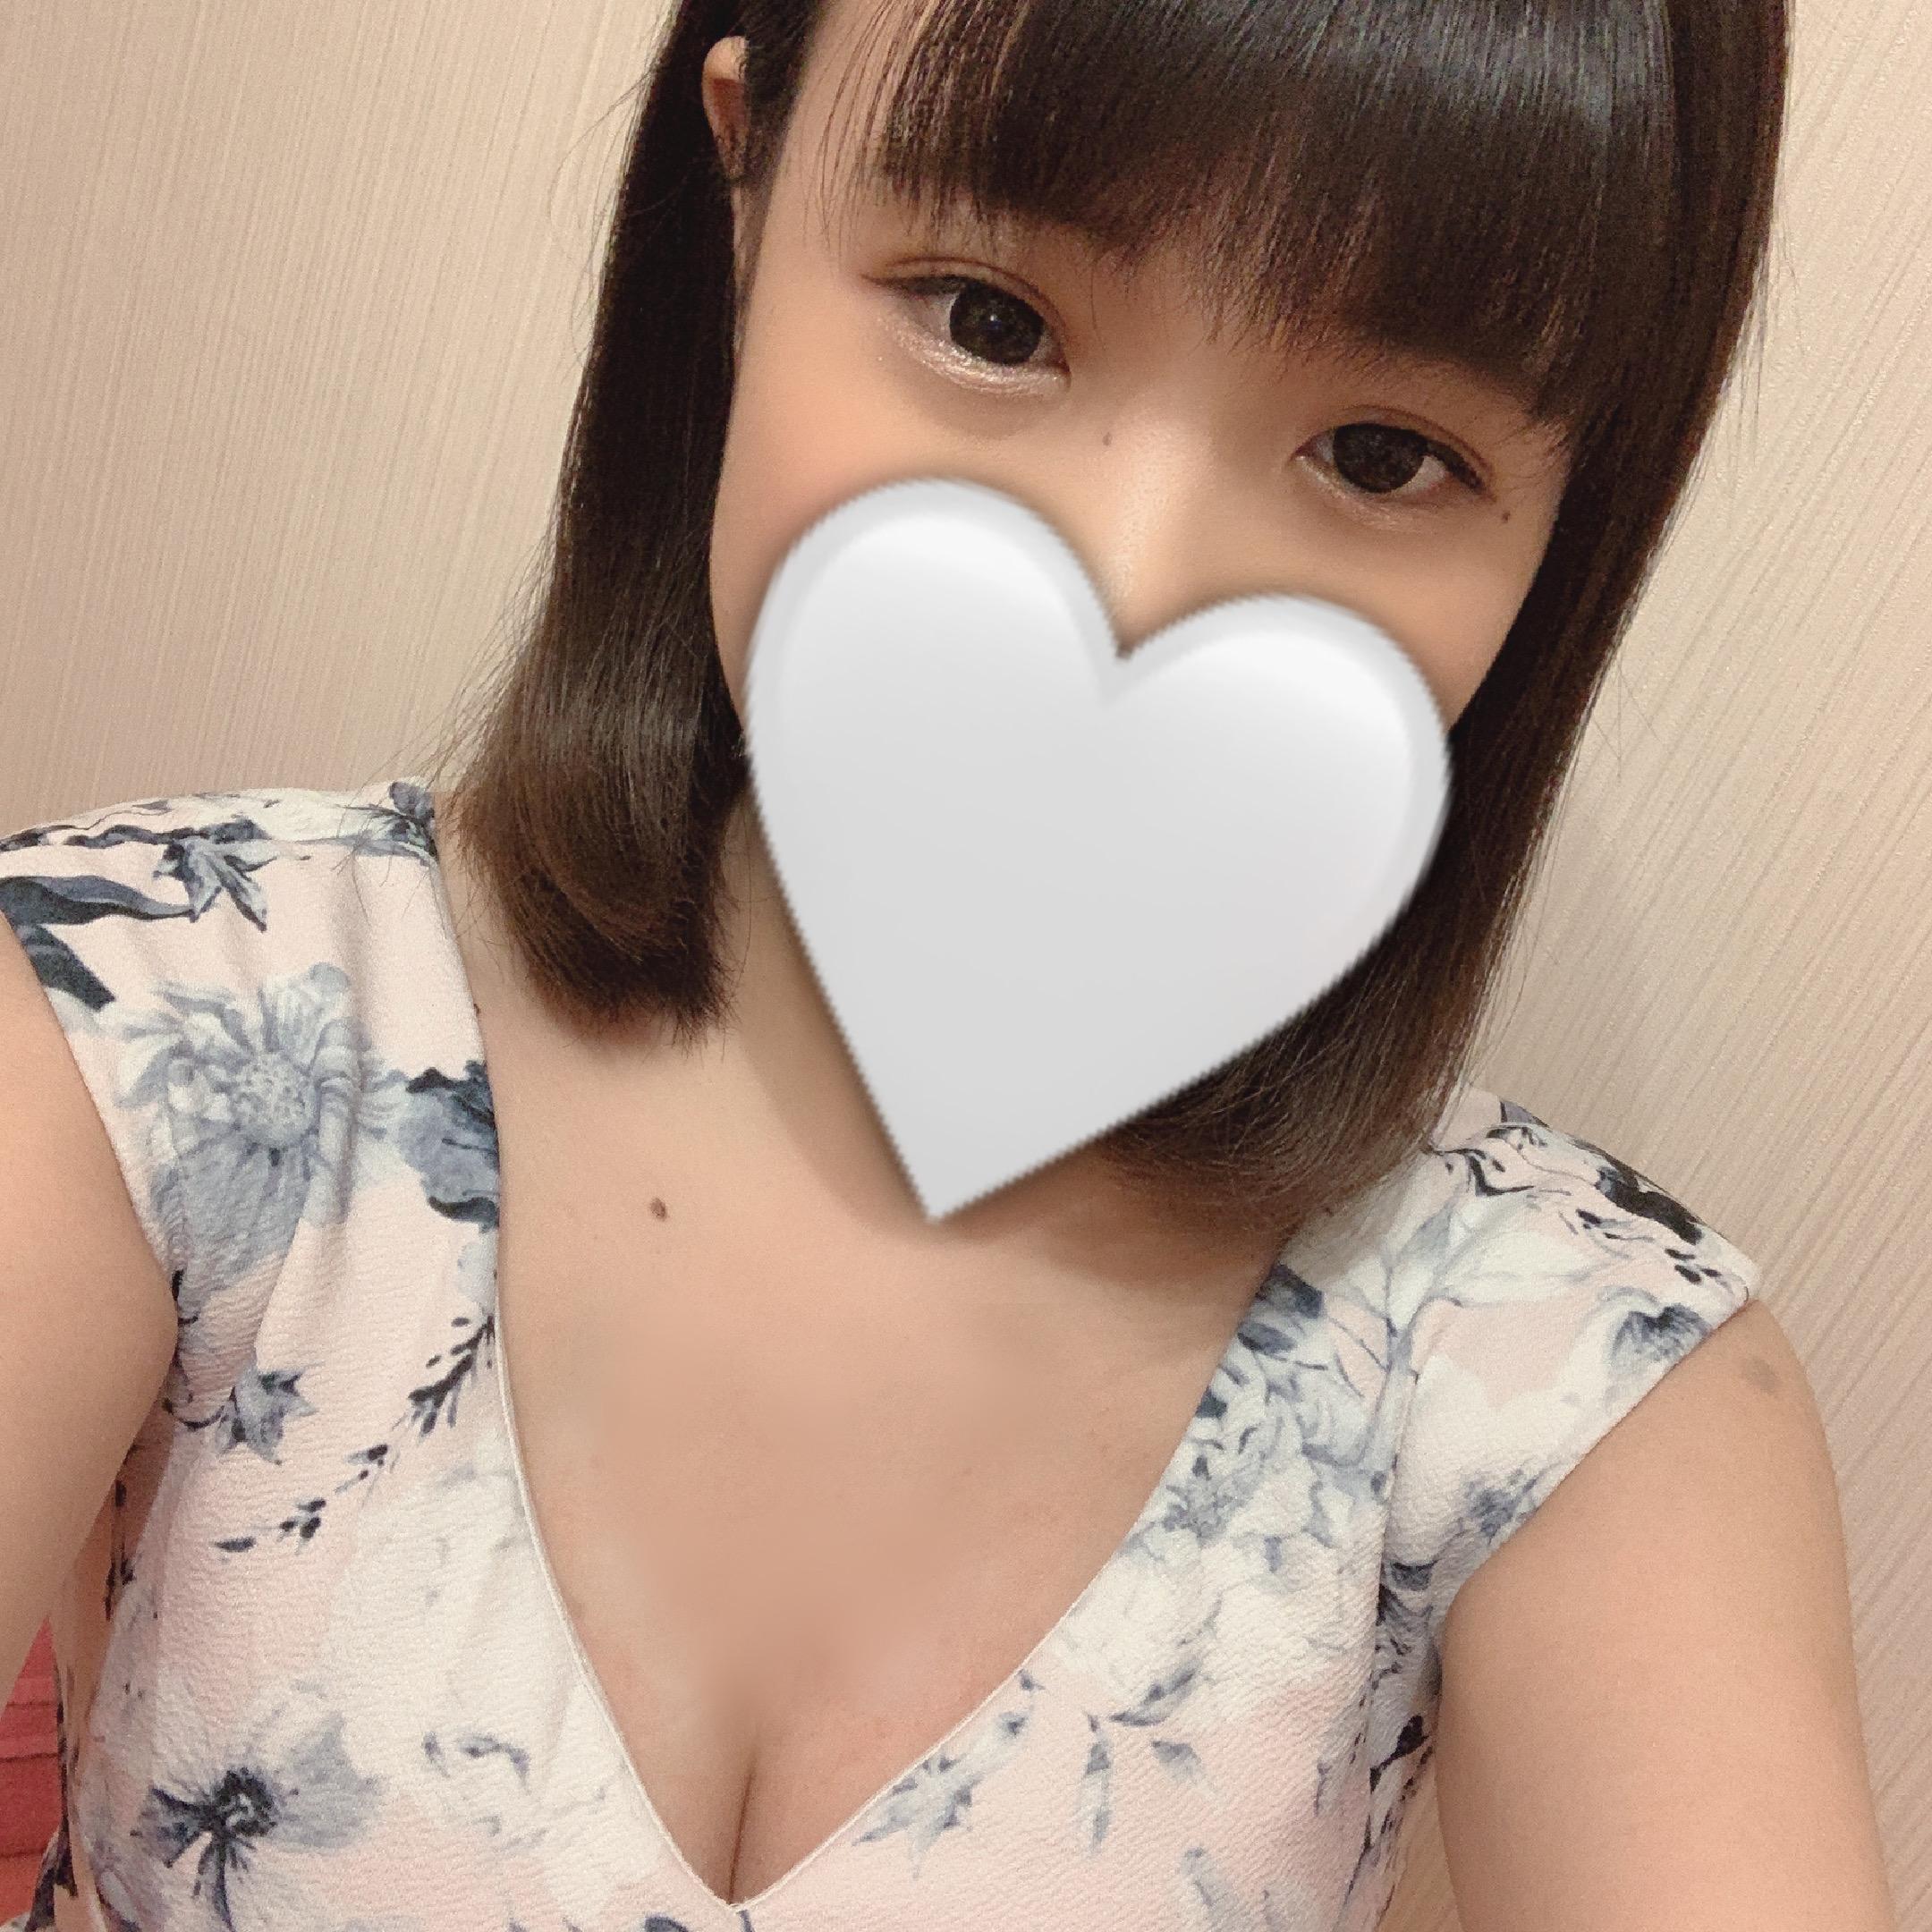 「ついに!!」03/23(03/23) 13:21 | えめの写メ・風俗動画